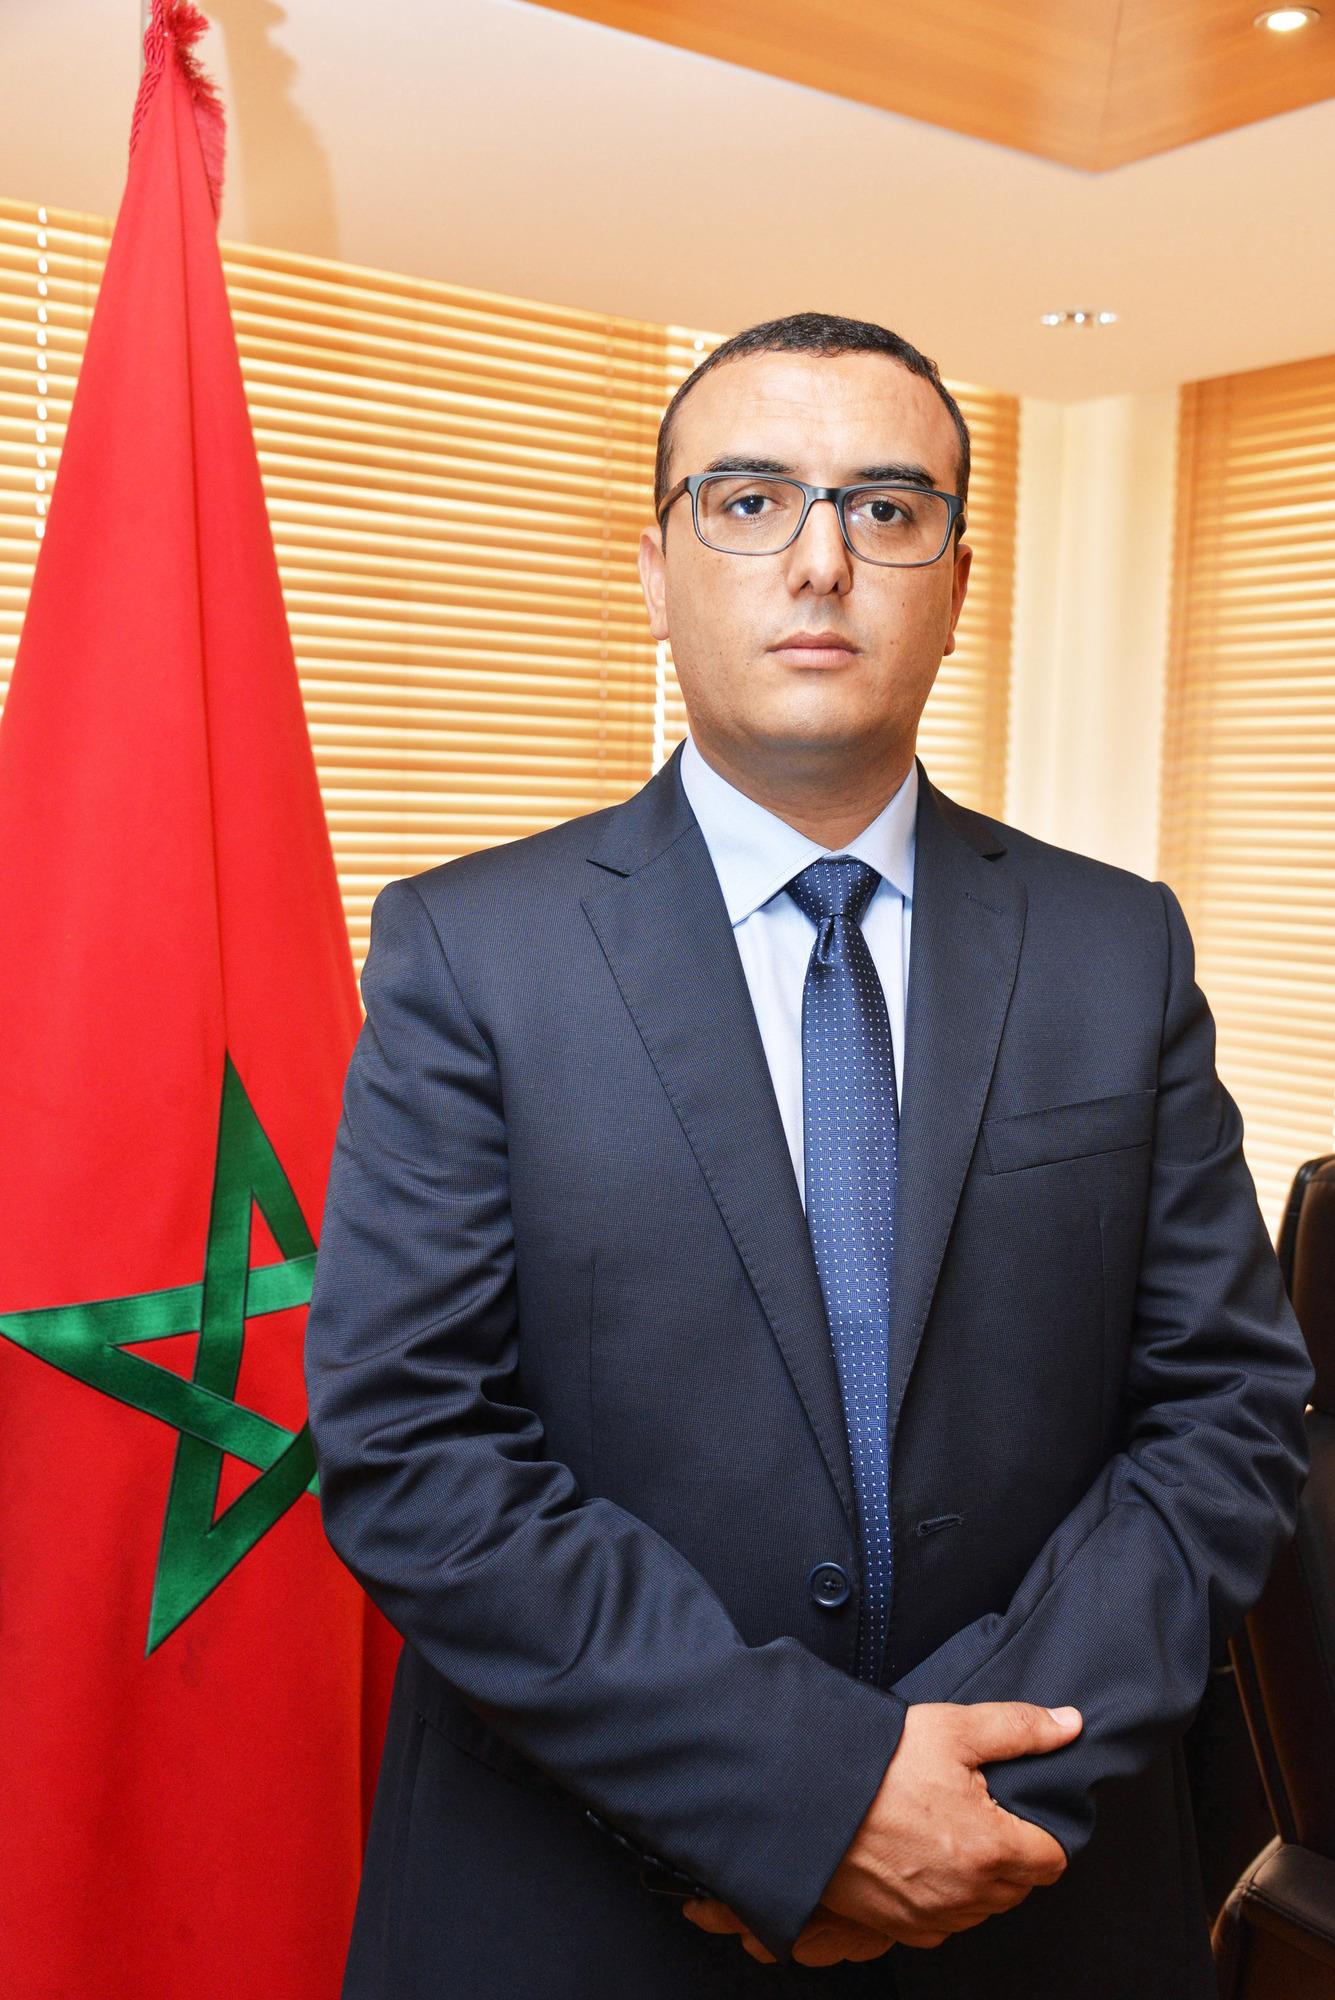 Portrait de Mohamed Amekraz, nouveau ministre du Travail et de l'Insertion professionnelle, lors de la de passation de pouvoir avec son prédécesseur, jeudi 10 octobre 2019 à Rabat.